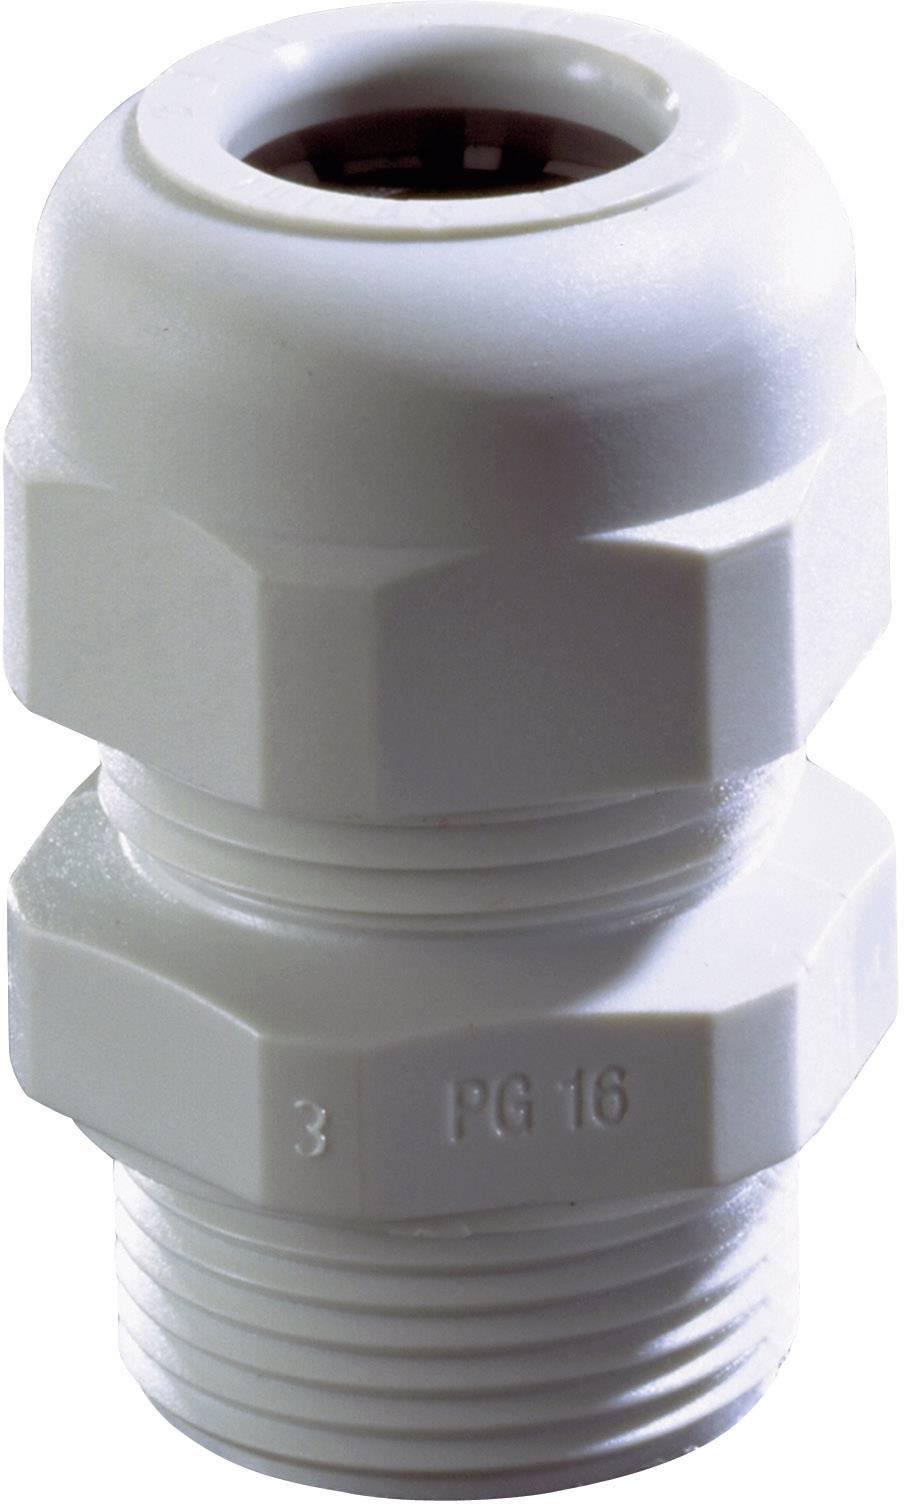 Káblová priechodka Wiska SKV PG 29 RAL 7035, polyamid, svetlo sivá, 1 ks